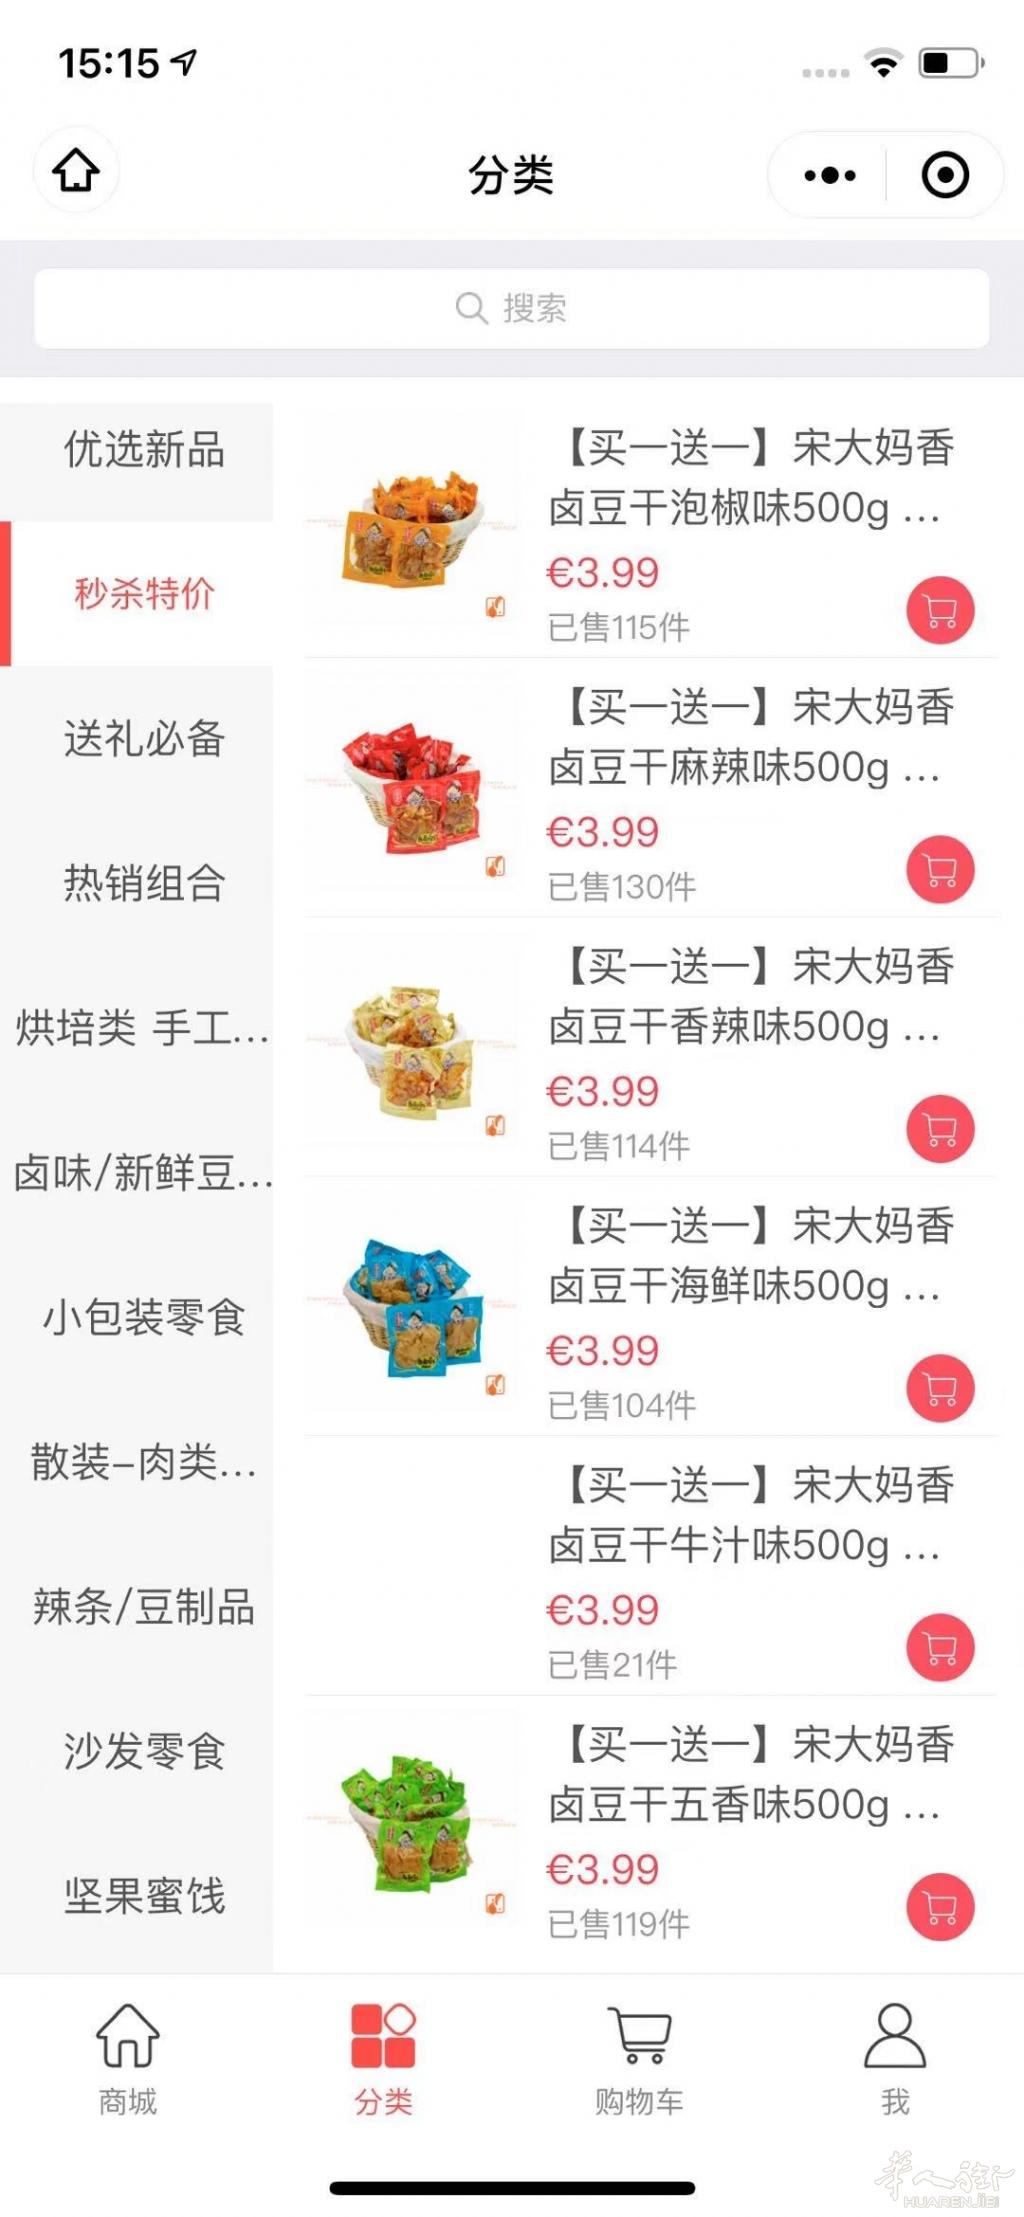 WeChat Image_20210326151721.jpg